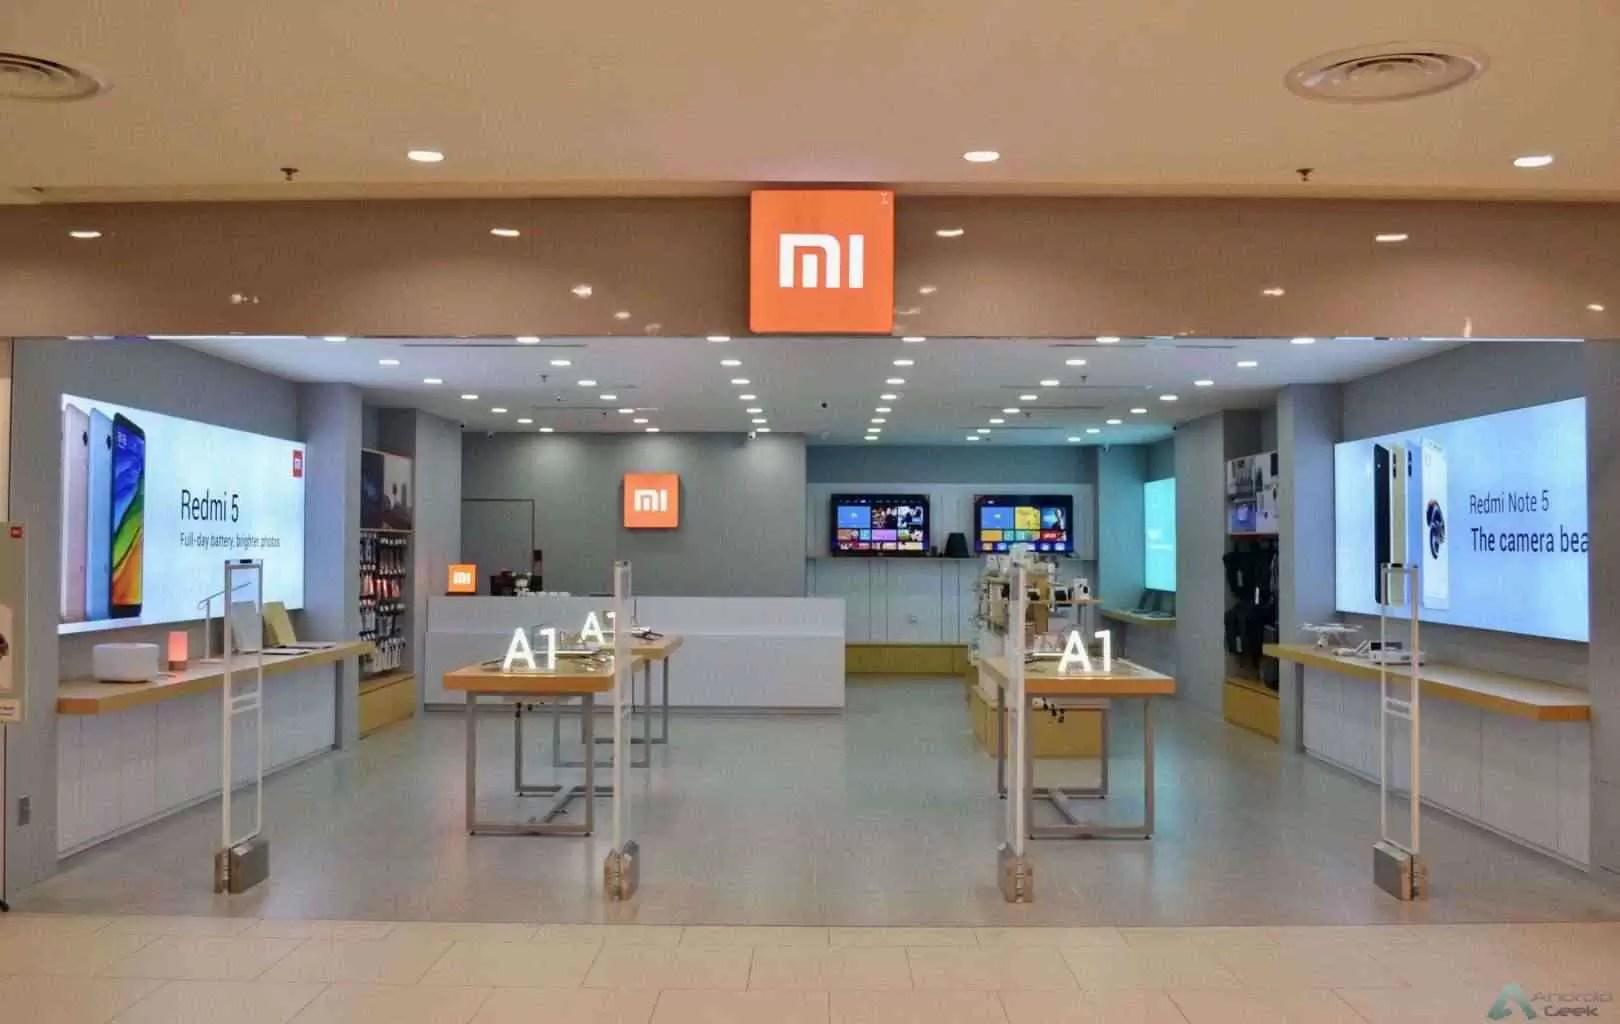 xiaomi-abre-a-sua-quarta-mi-store-em-portugal-este-domingo-androidgeek-2019-12-12_11-03-28_116231.jpg